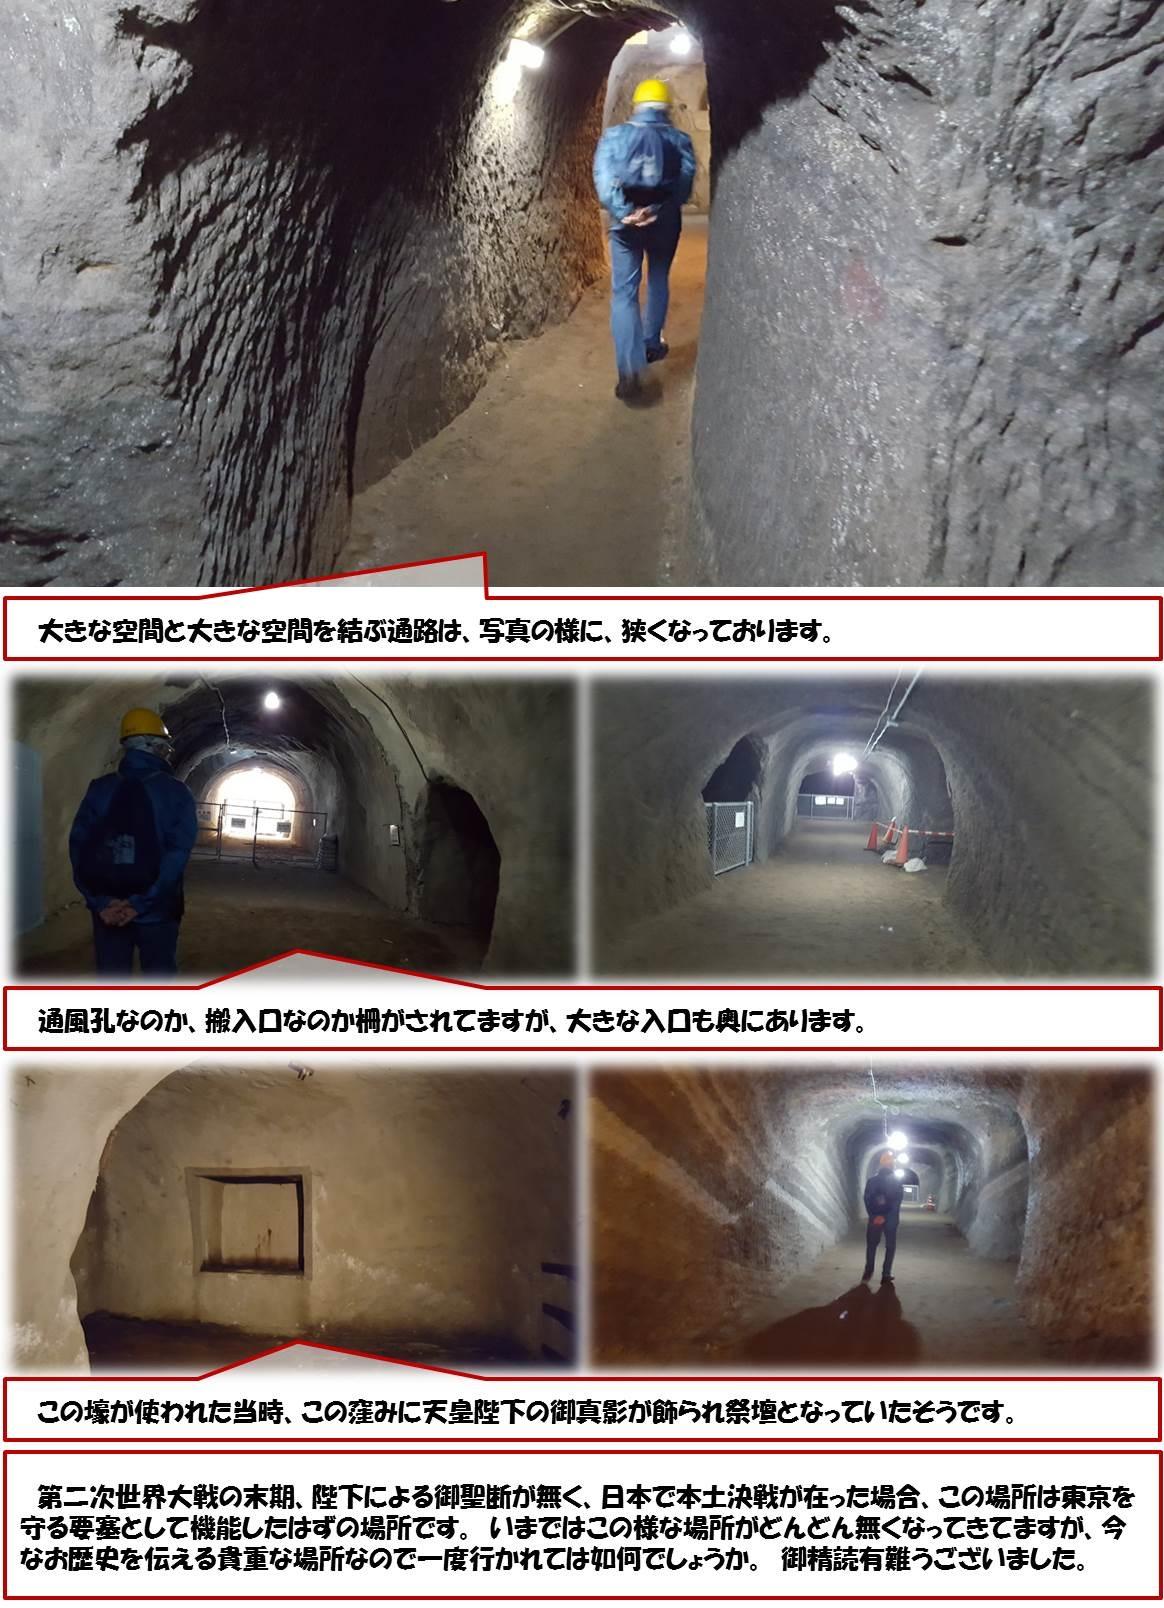 大きな空間と大きな空間を結ぶ通路は、写真の様に、狭くなっております。 通風孔なのか、搬入口なのか柵がされてますが、大きな入口も奥にあります。この壕が使われた当時、この窪みに天皇陛下の御真影が飾られ祭壇となっていたそうです。 第二次世界大戦の末期、陛下による御聖断が無く、日本で本土決戦が在った場合、この場所は東京を守る要塞として機能したはずの場所です。 いまではこの様な場所がどんどん無くなってきてますが、今なお歴史を伝える貴重な場所なので一度行かれては如何でしょうか。 御精読有難うございました。